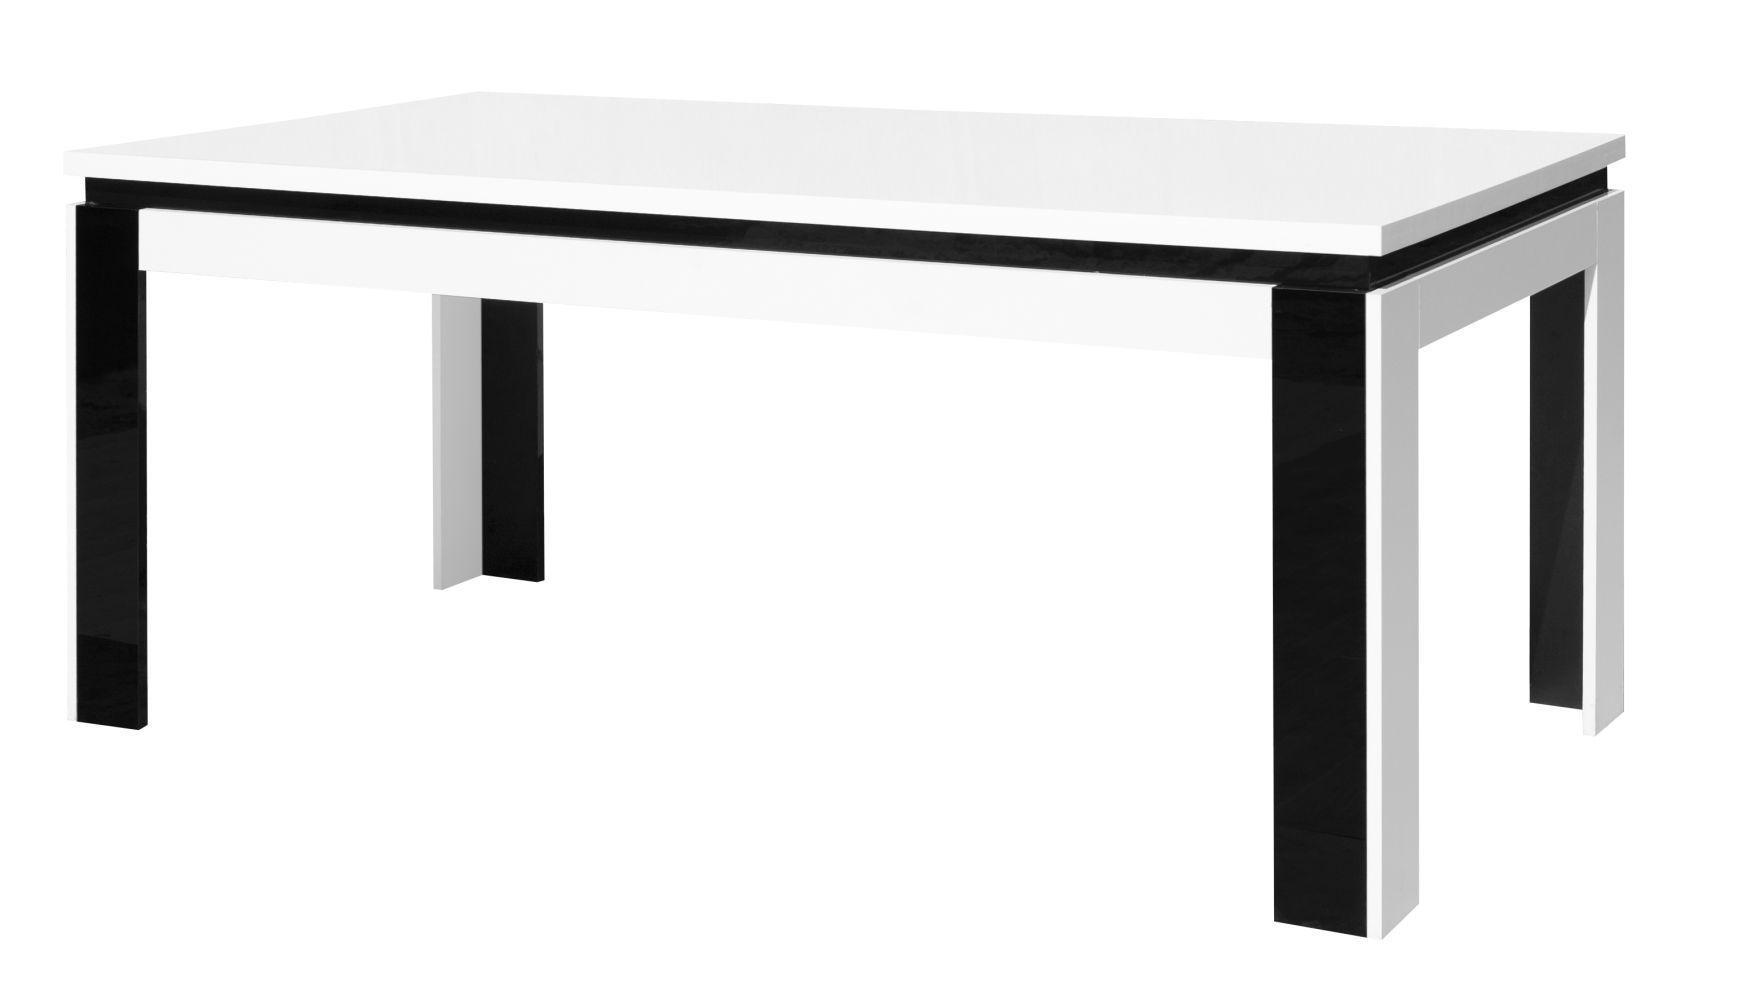 Esstisch Livadia 11 (eckig) - Abmessungen: 180 x 90 cm (B x T)